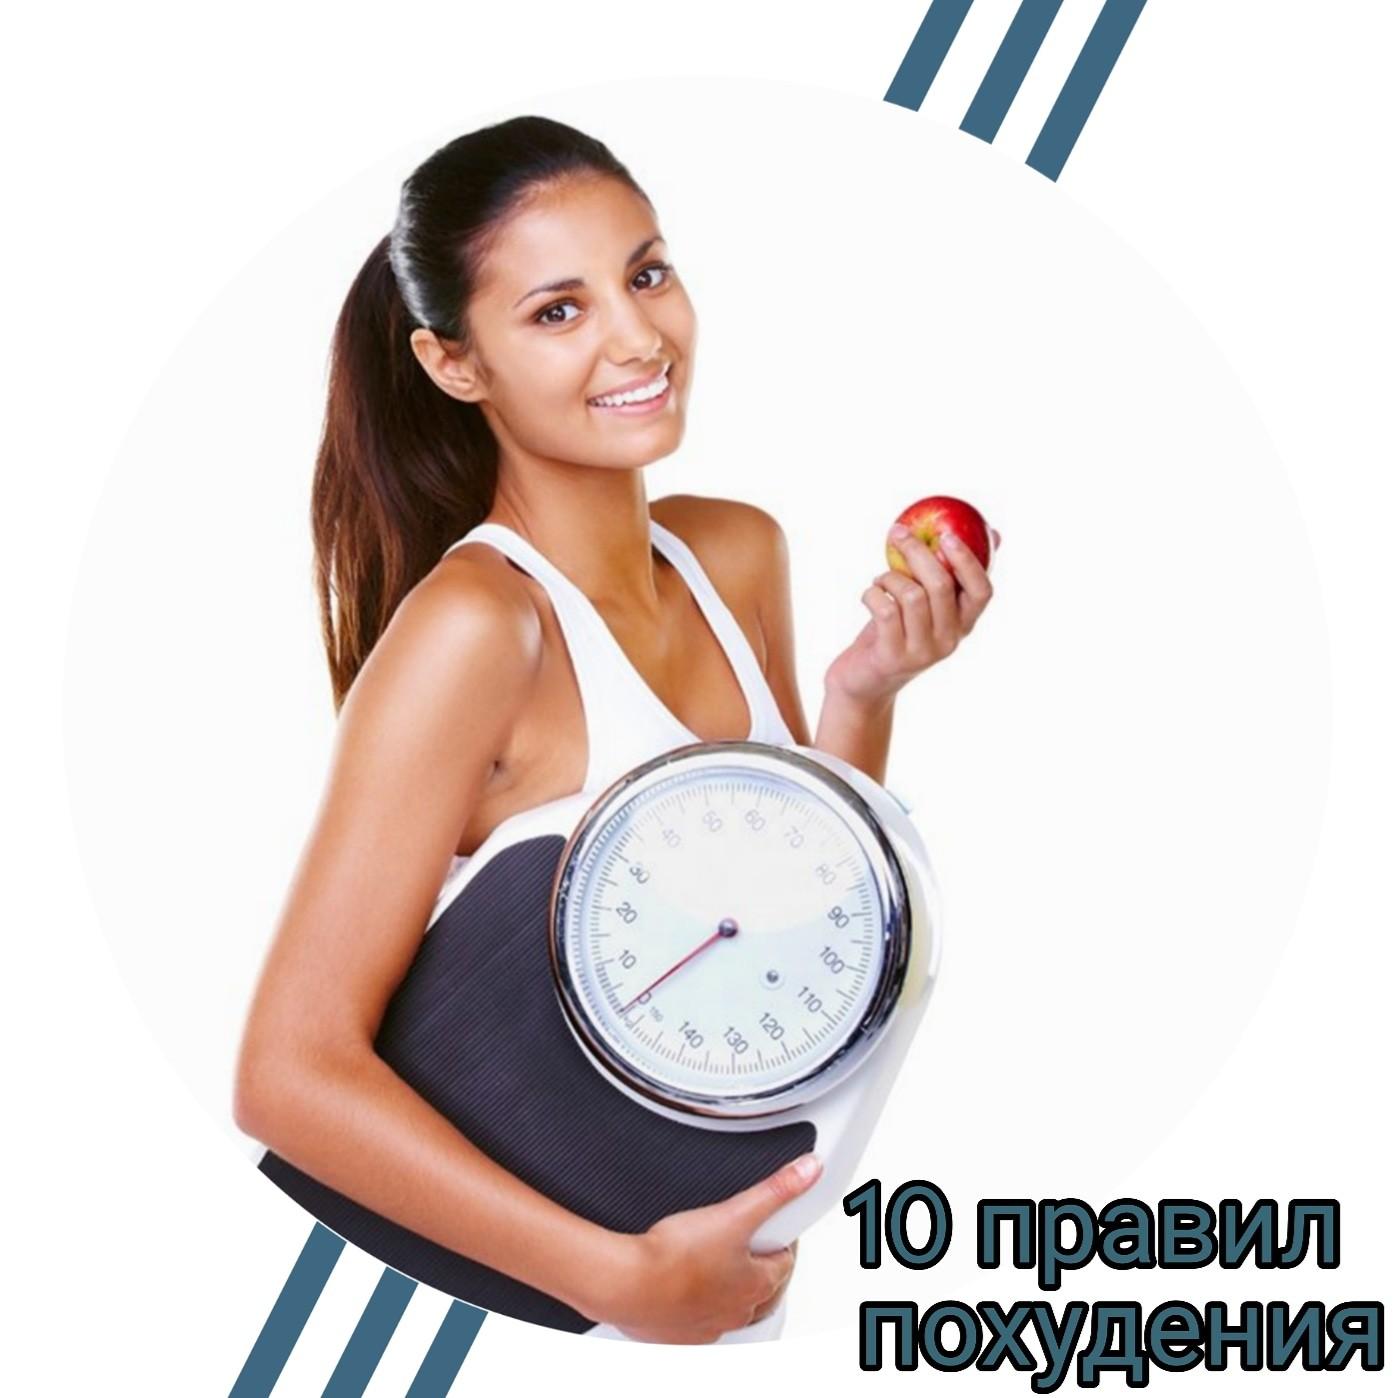 10 Правил Питания Для Похудения.